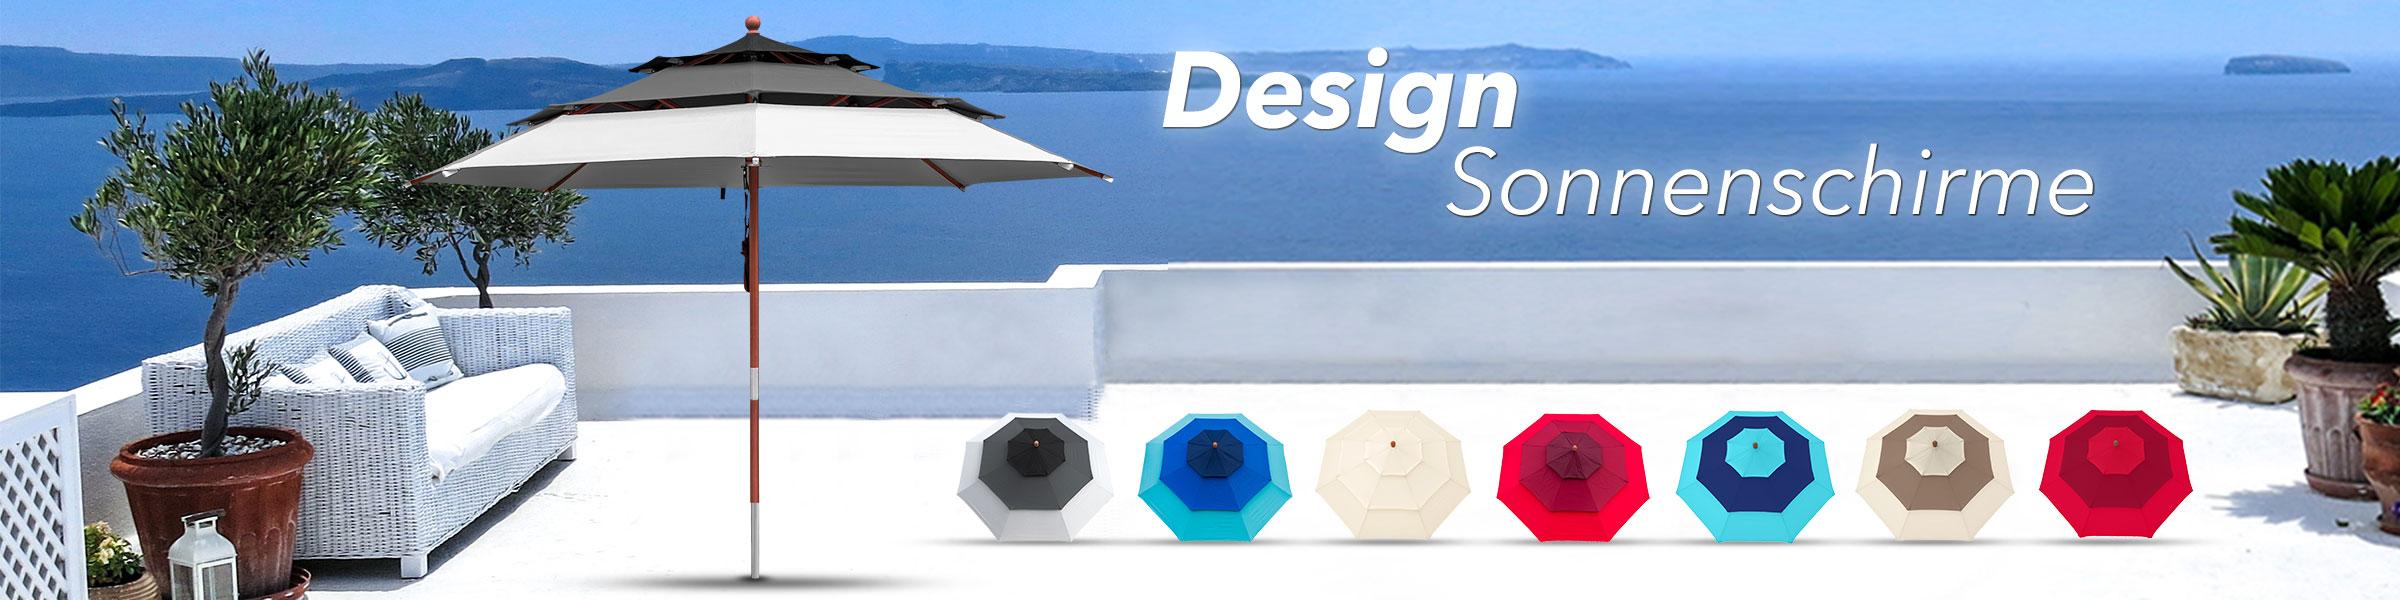 Design Sonnenschirme